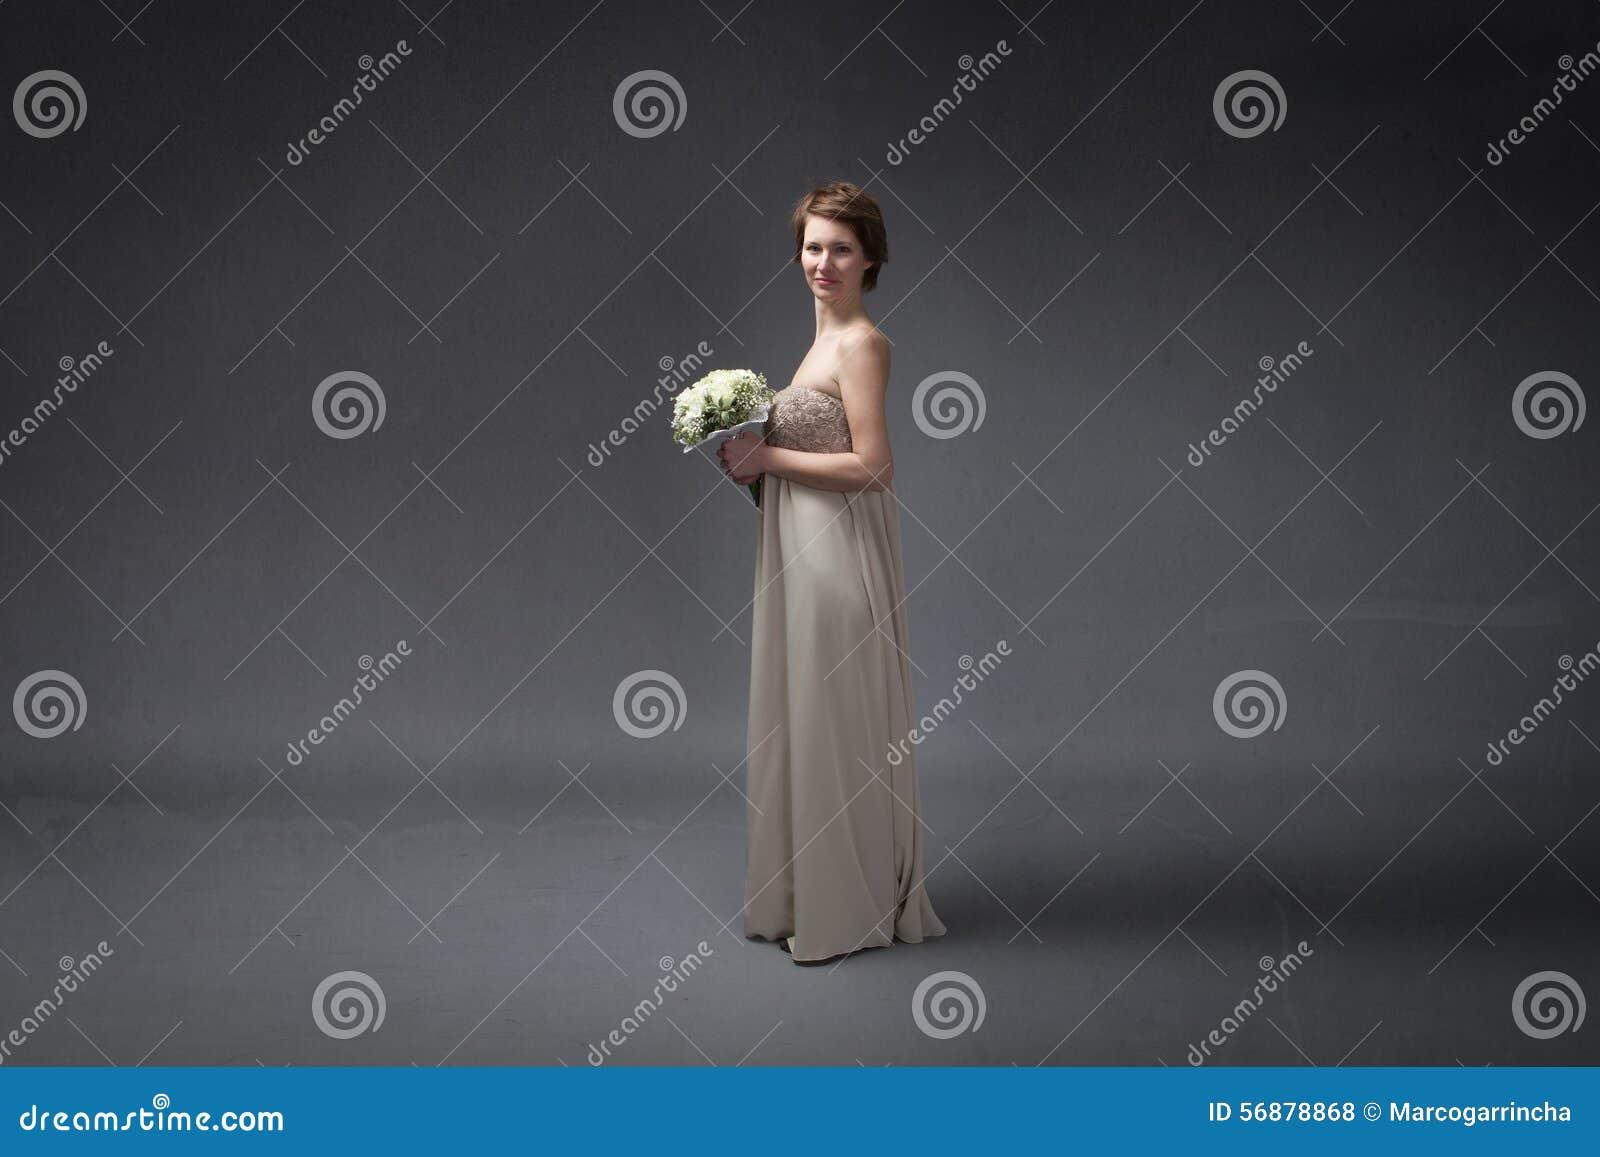 Νύφη ευχαριστημένη από τα λουλούδια σε διαθεσιμότητα